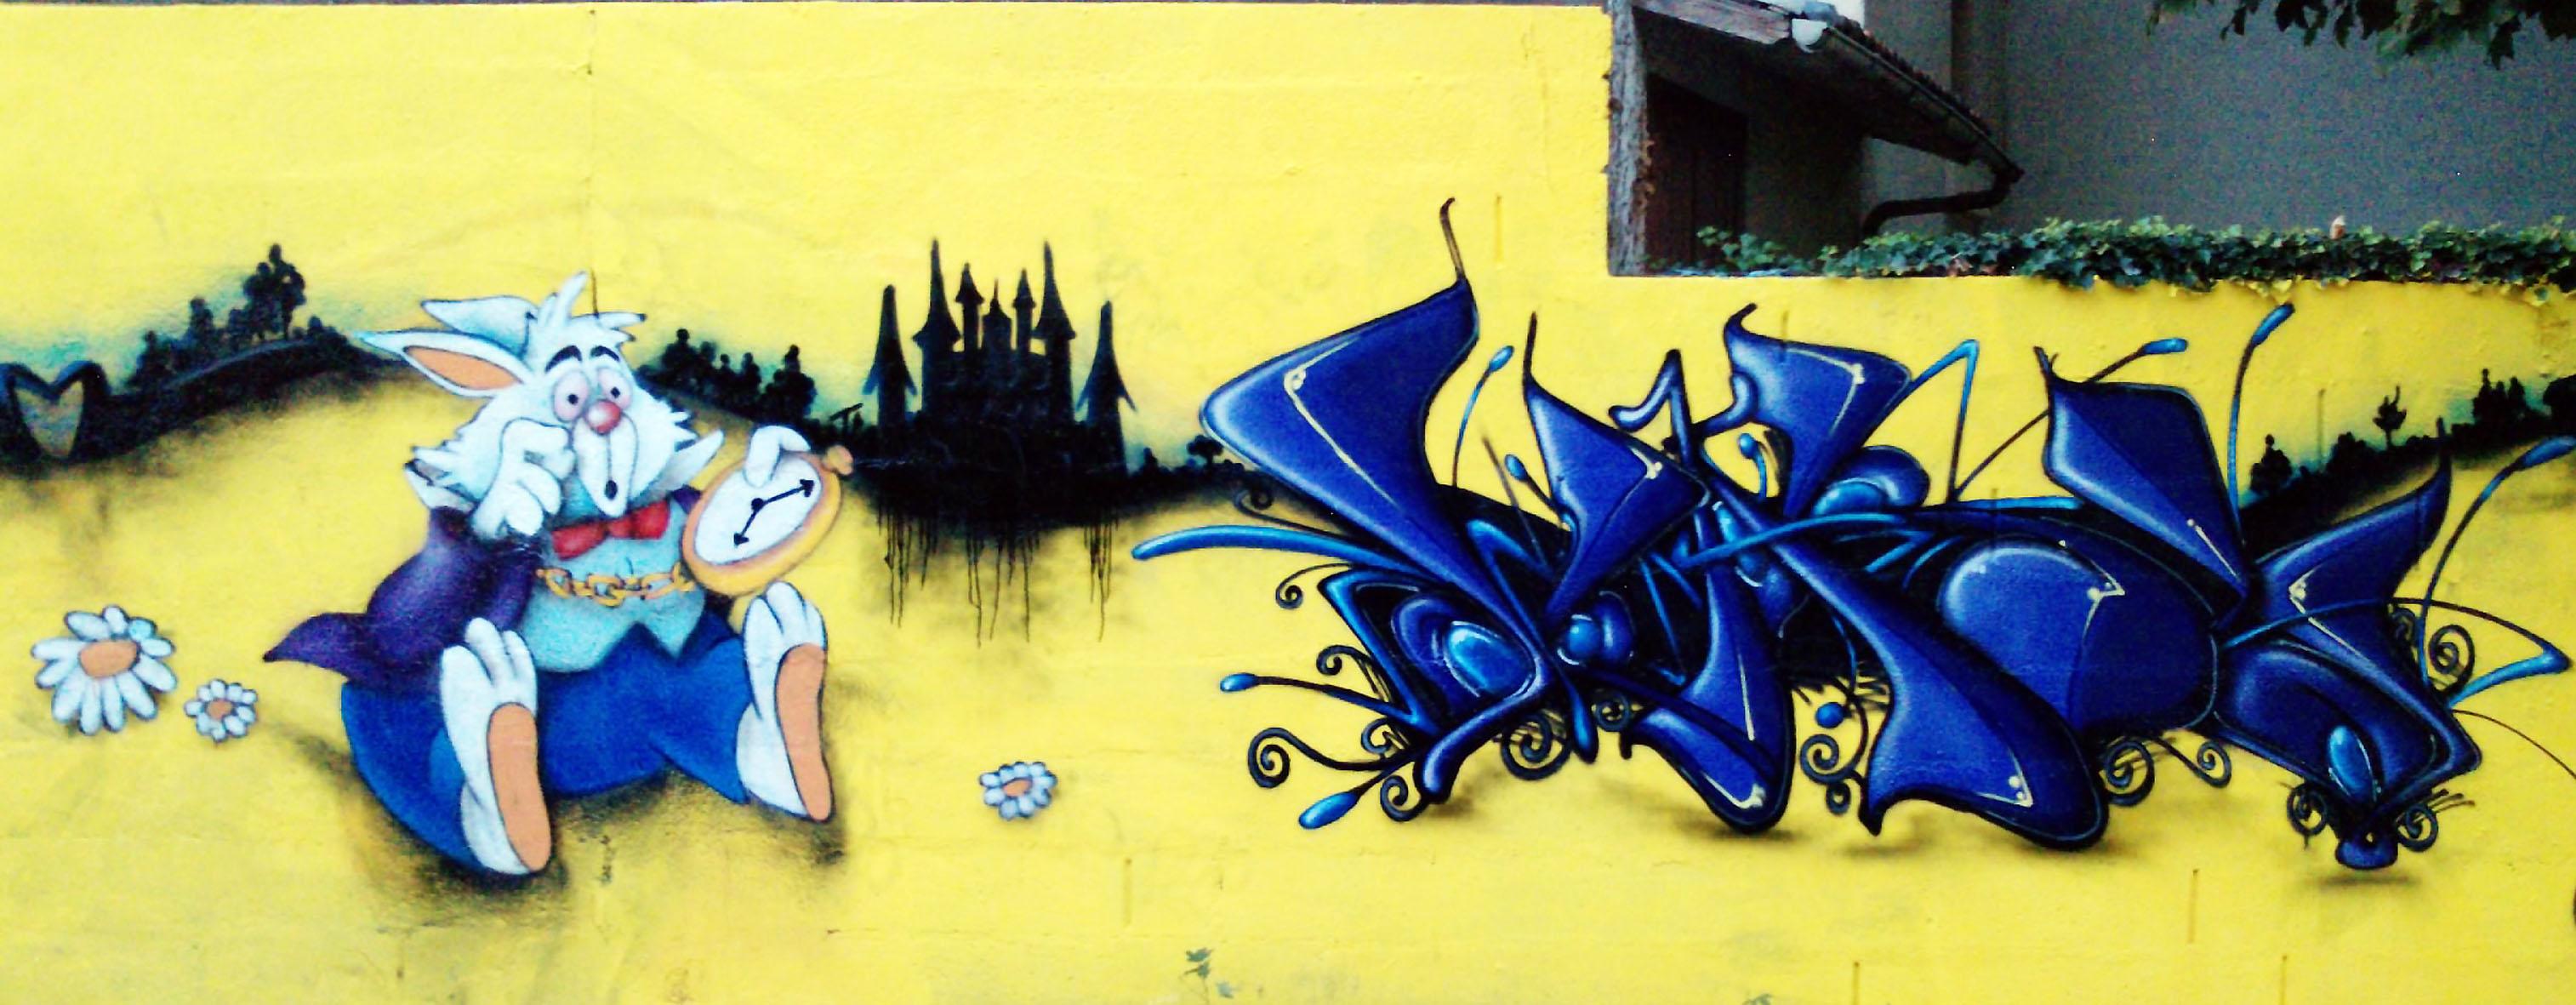 Alice aux pays des merveilles - graffiti